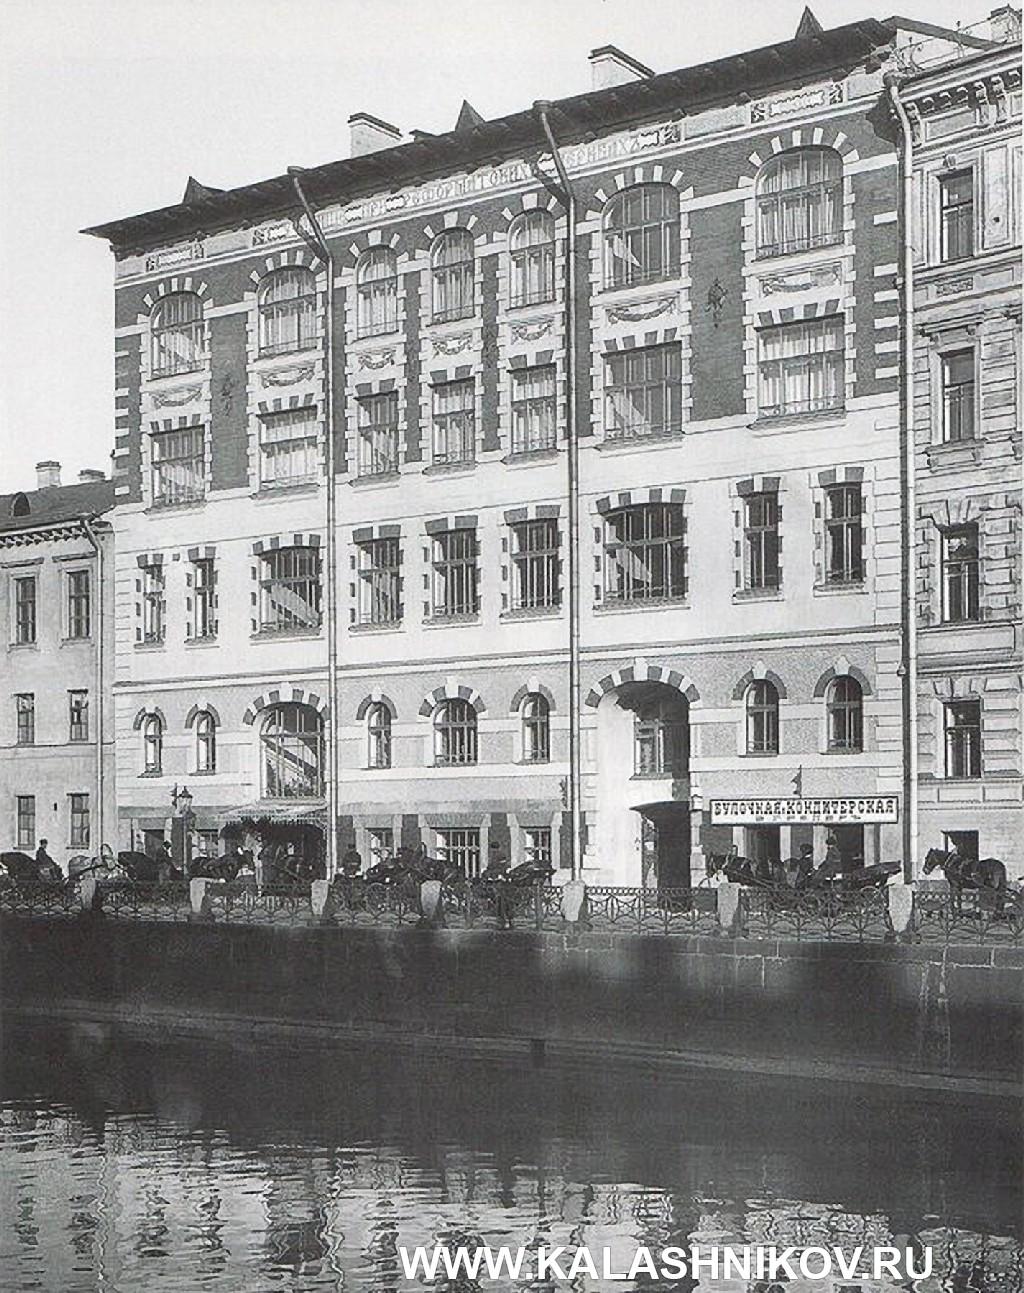 Дом, расположенный поадресу наб. Мойки, 38. Мастерская Ивана Алёшкина